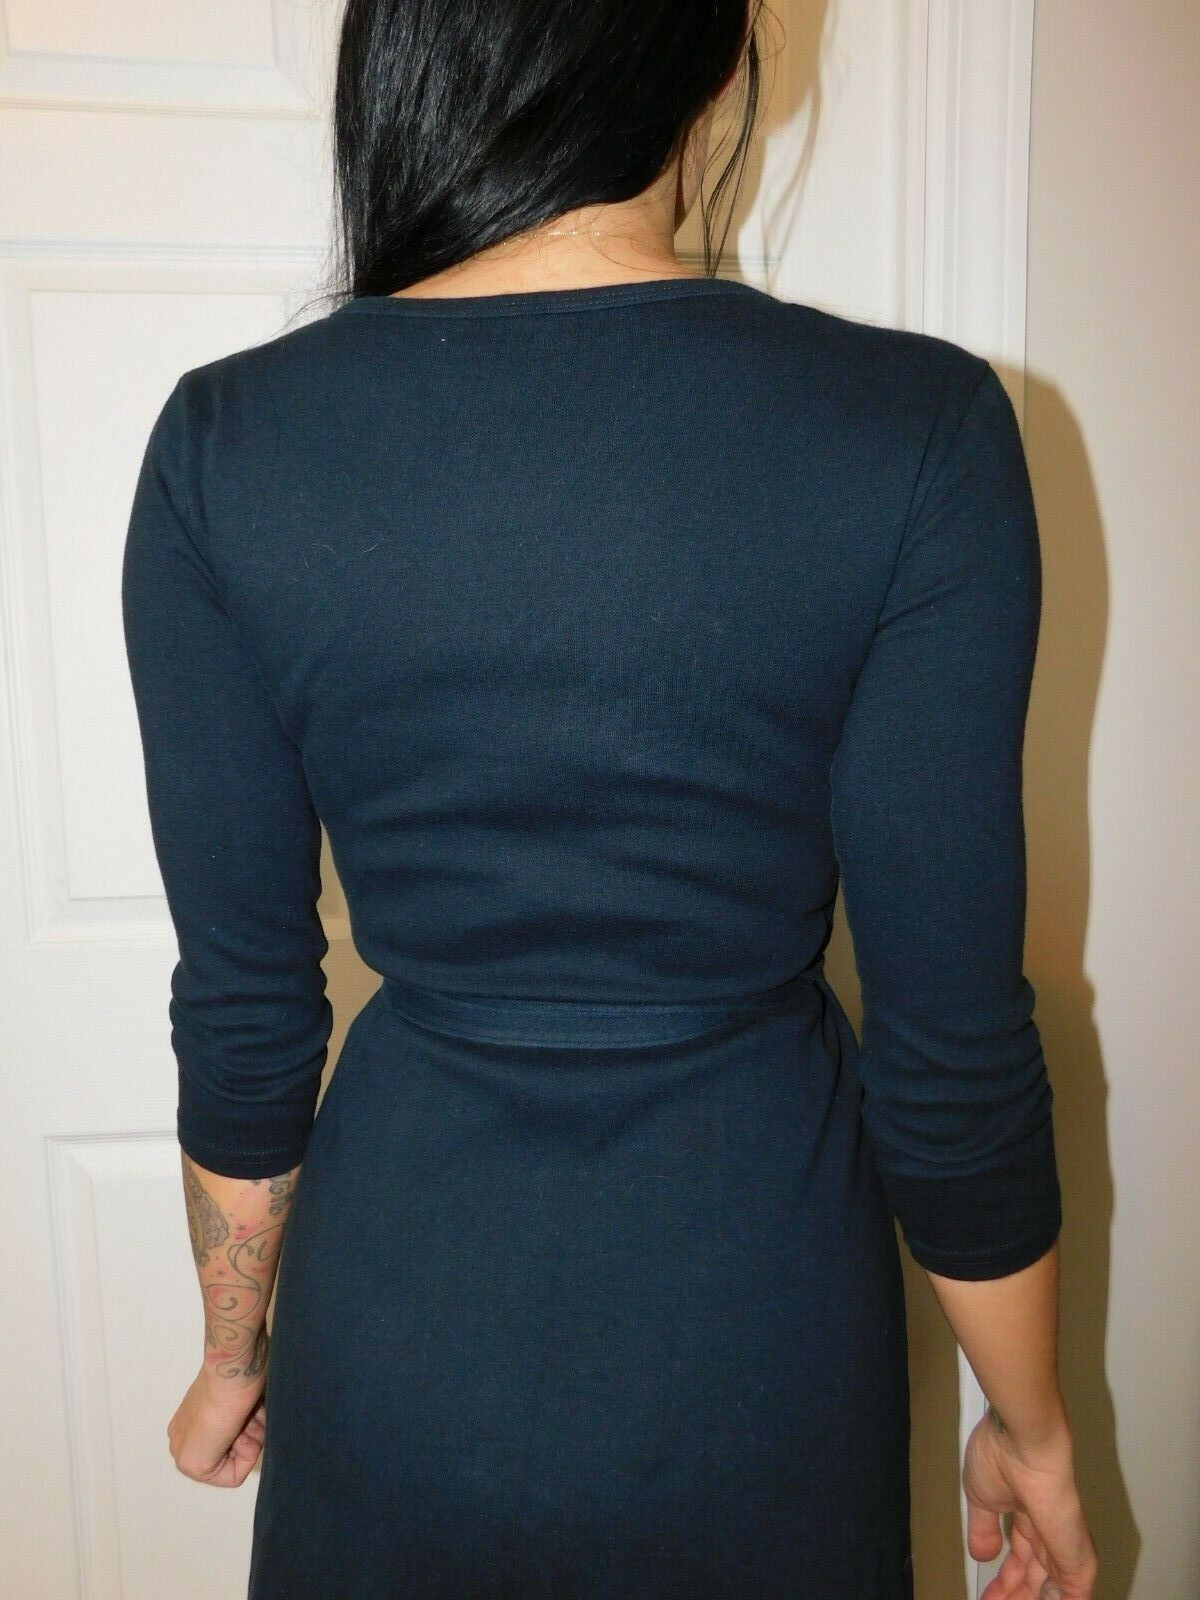 AMERICAN APPAREL Women's Black Wrap Dress Size US XS image 6